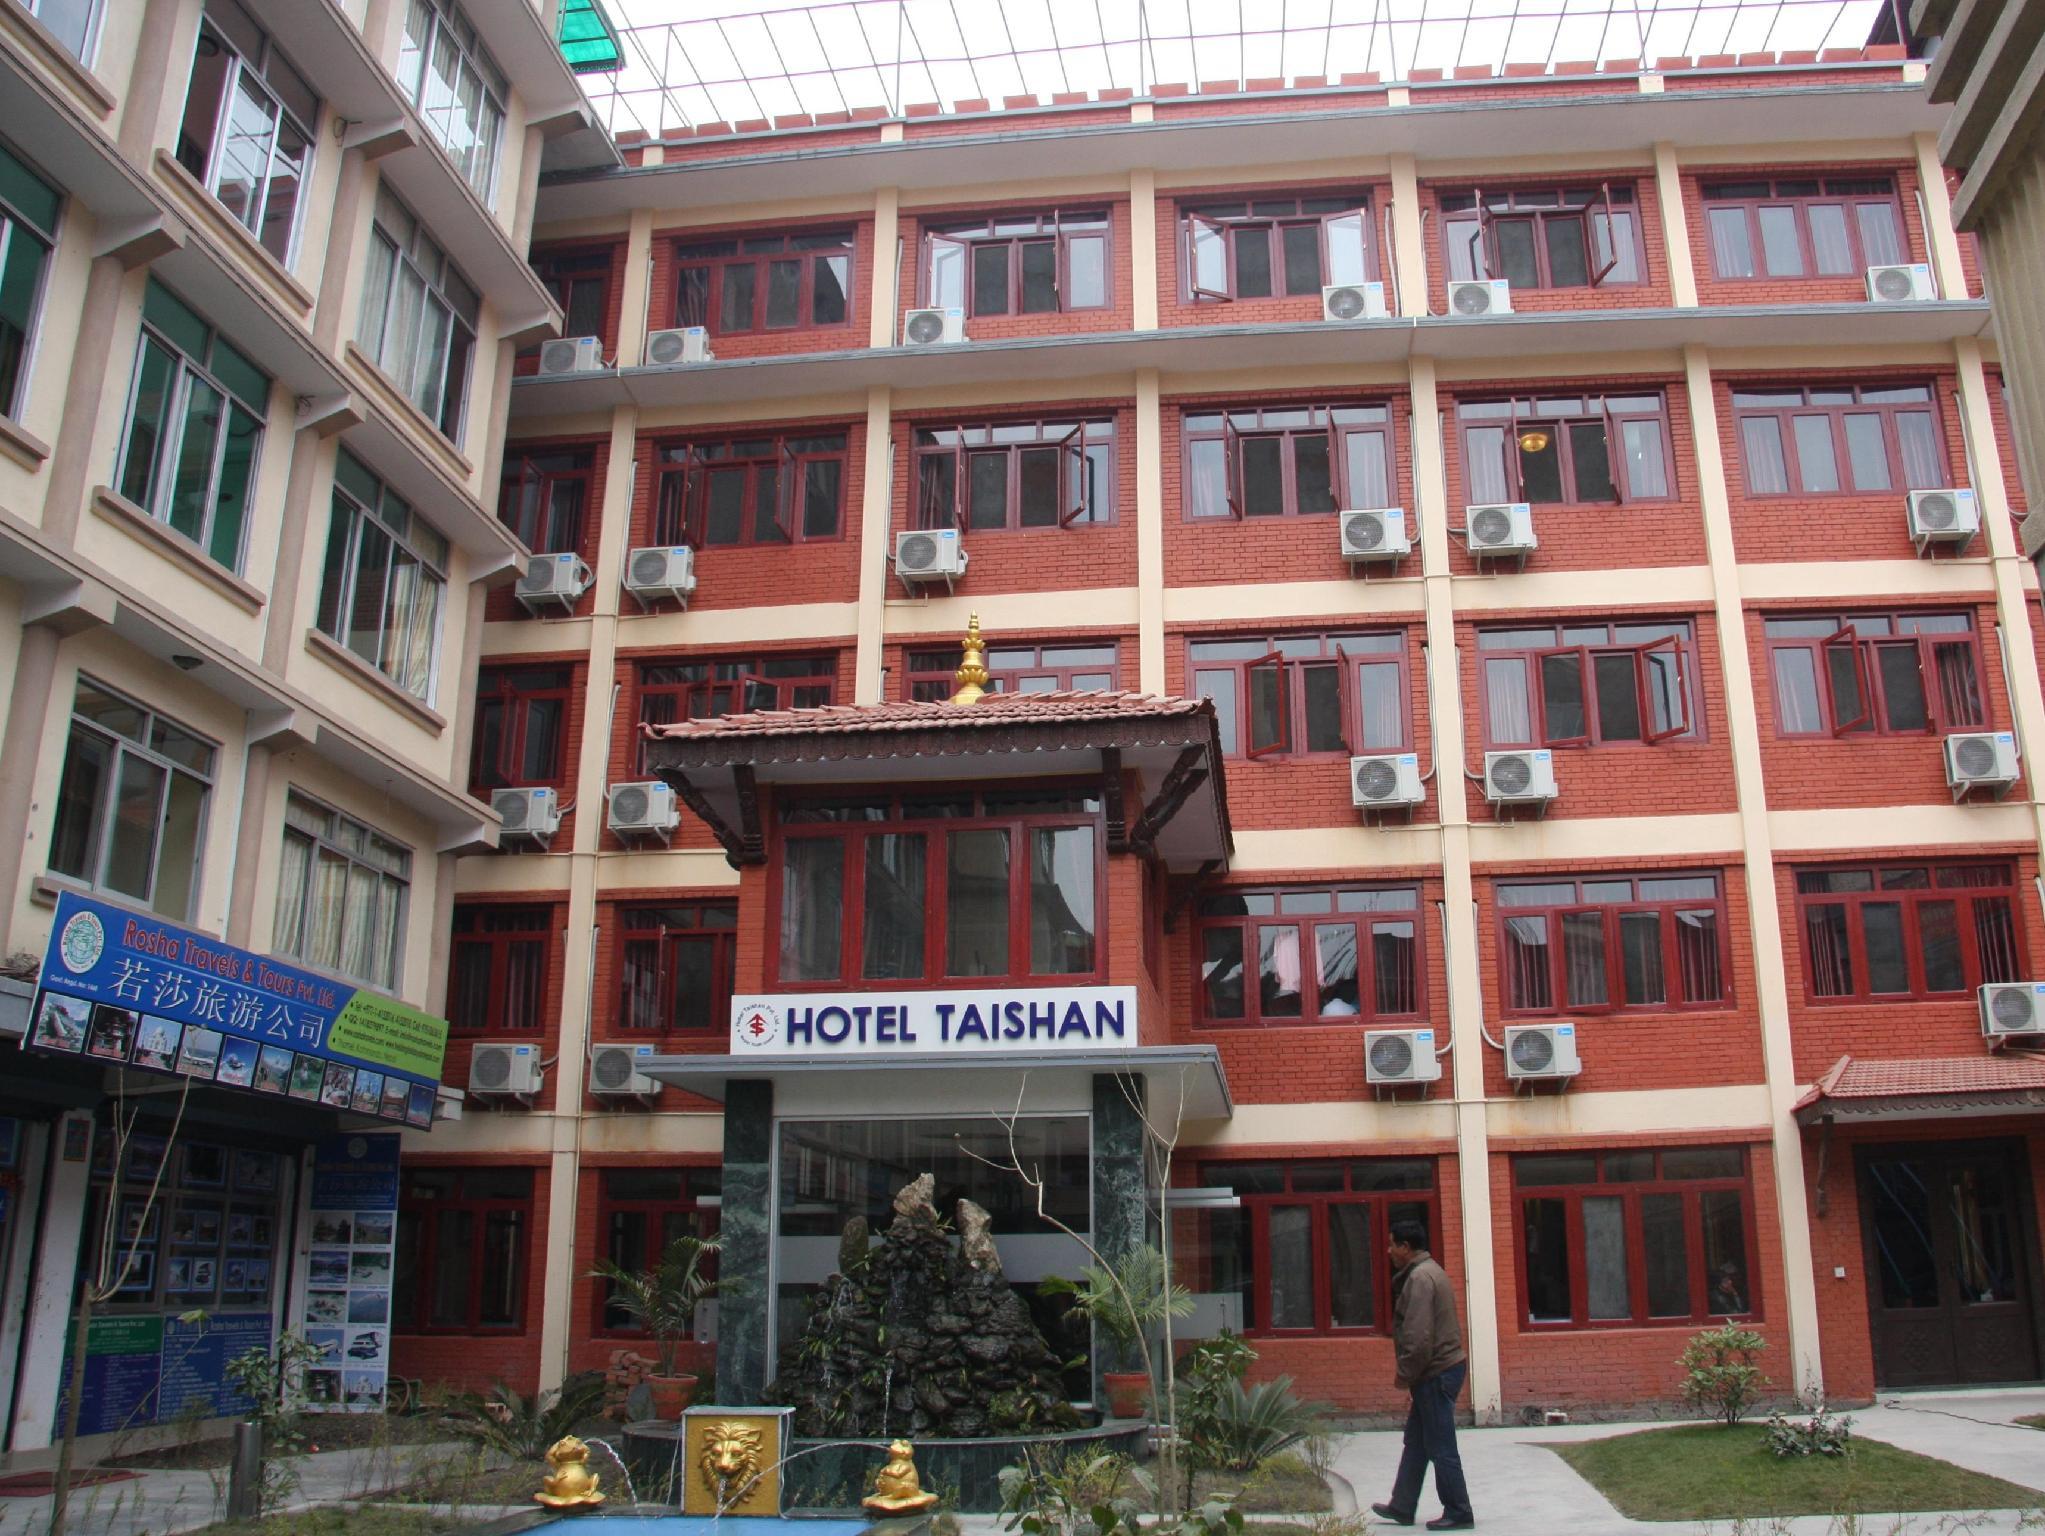 Hotel Taishan Kathmandu